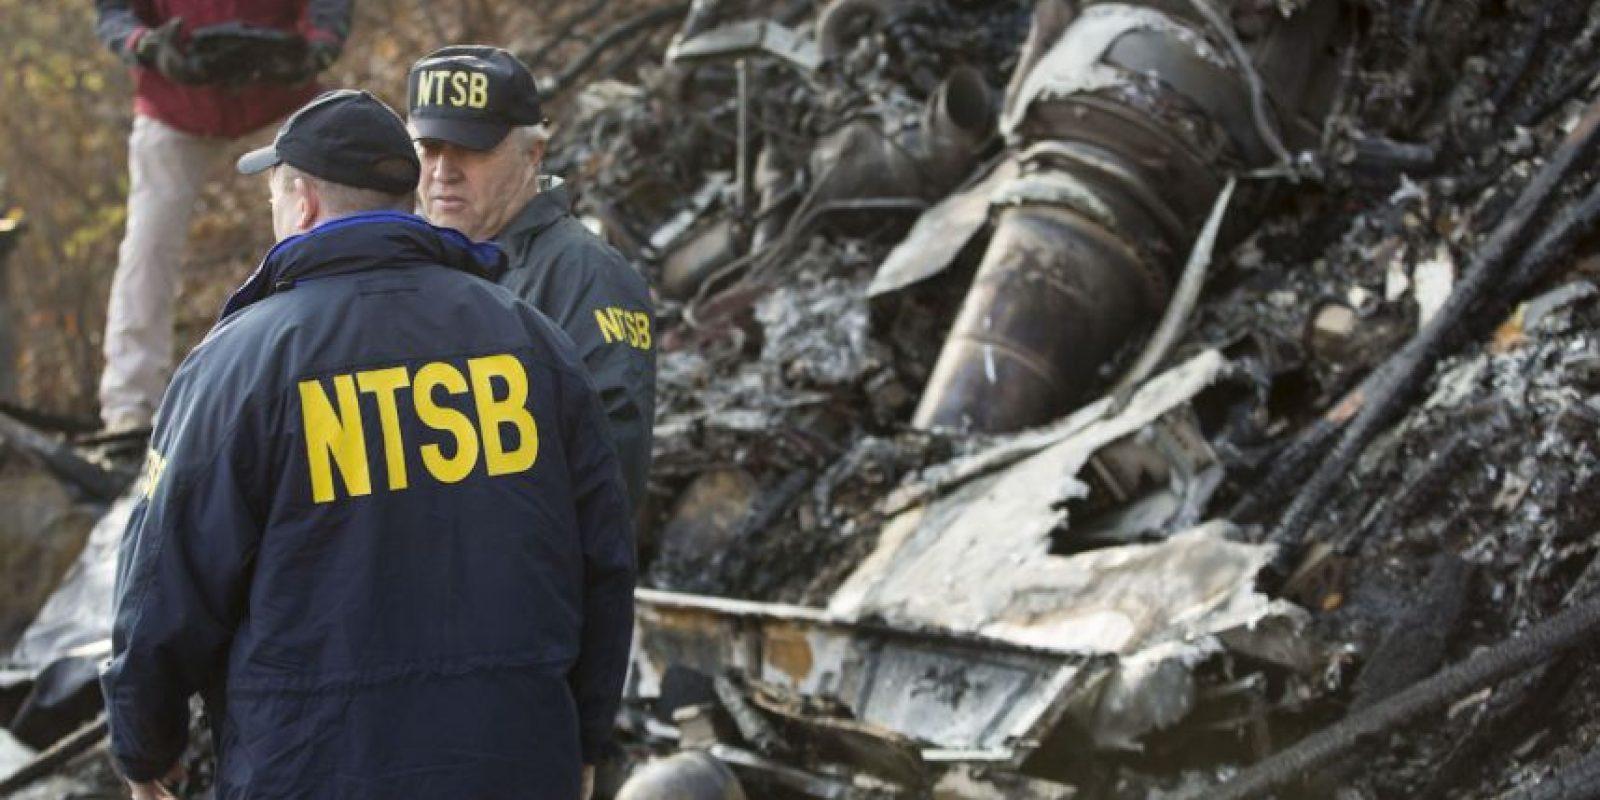 El piloto fue identificado como Óscar Chávez, de nacionalidad colombiana. Foto:AFP